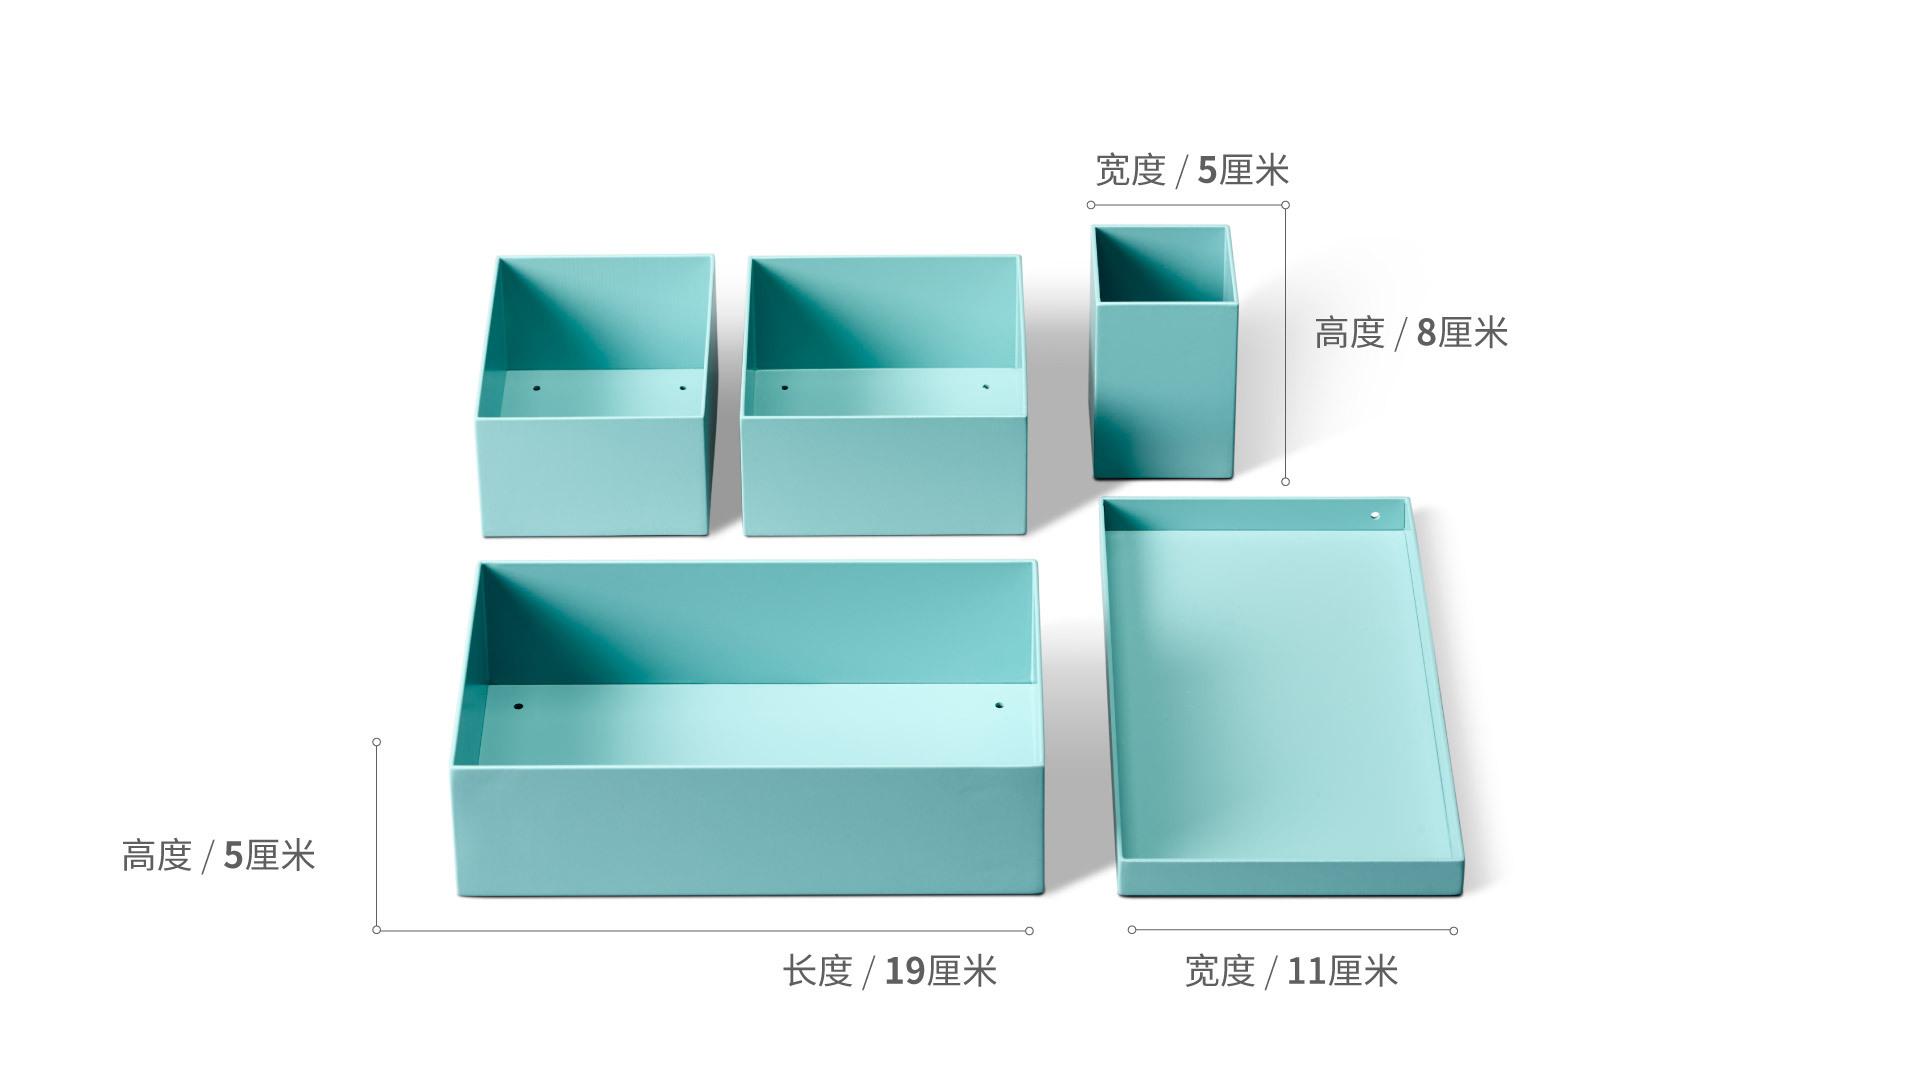 积木桌面收纳套盒升级版装饰效果图